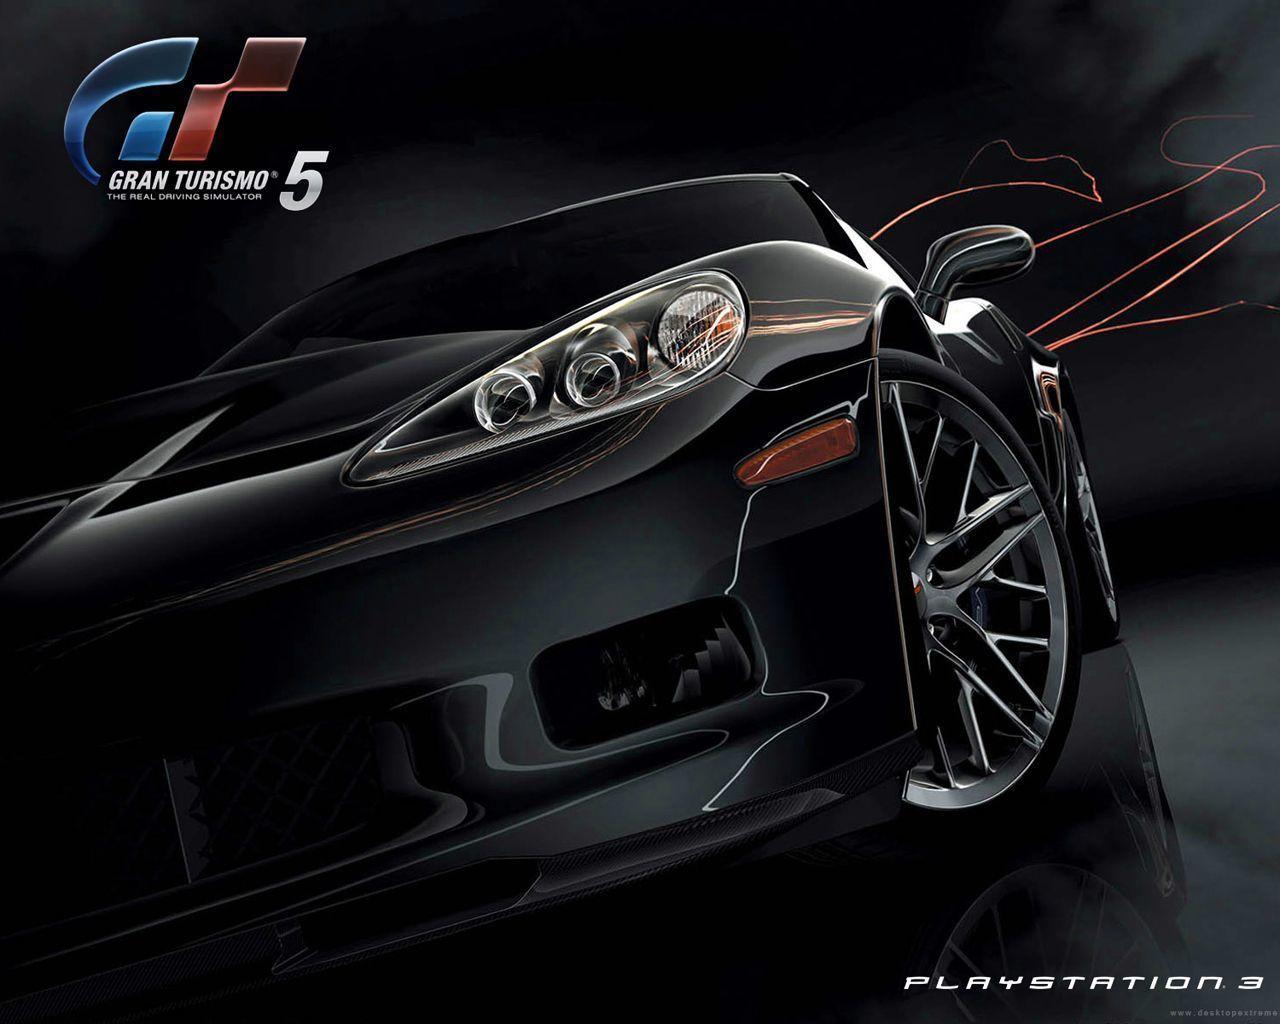 http://4.bp.blogspot.com/-eQmbv81Ed3w/UW4D1jk7dnI/AAAAAAAAAWQ/cgrH1Aduy9c/s1600/Gran-Turismo-5-Wallpaper-HD.jpg